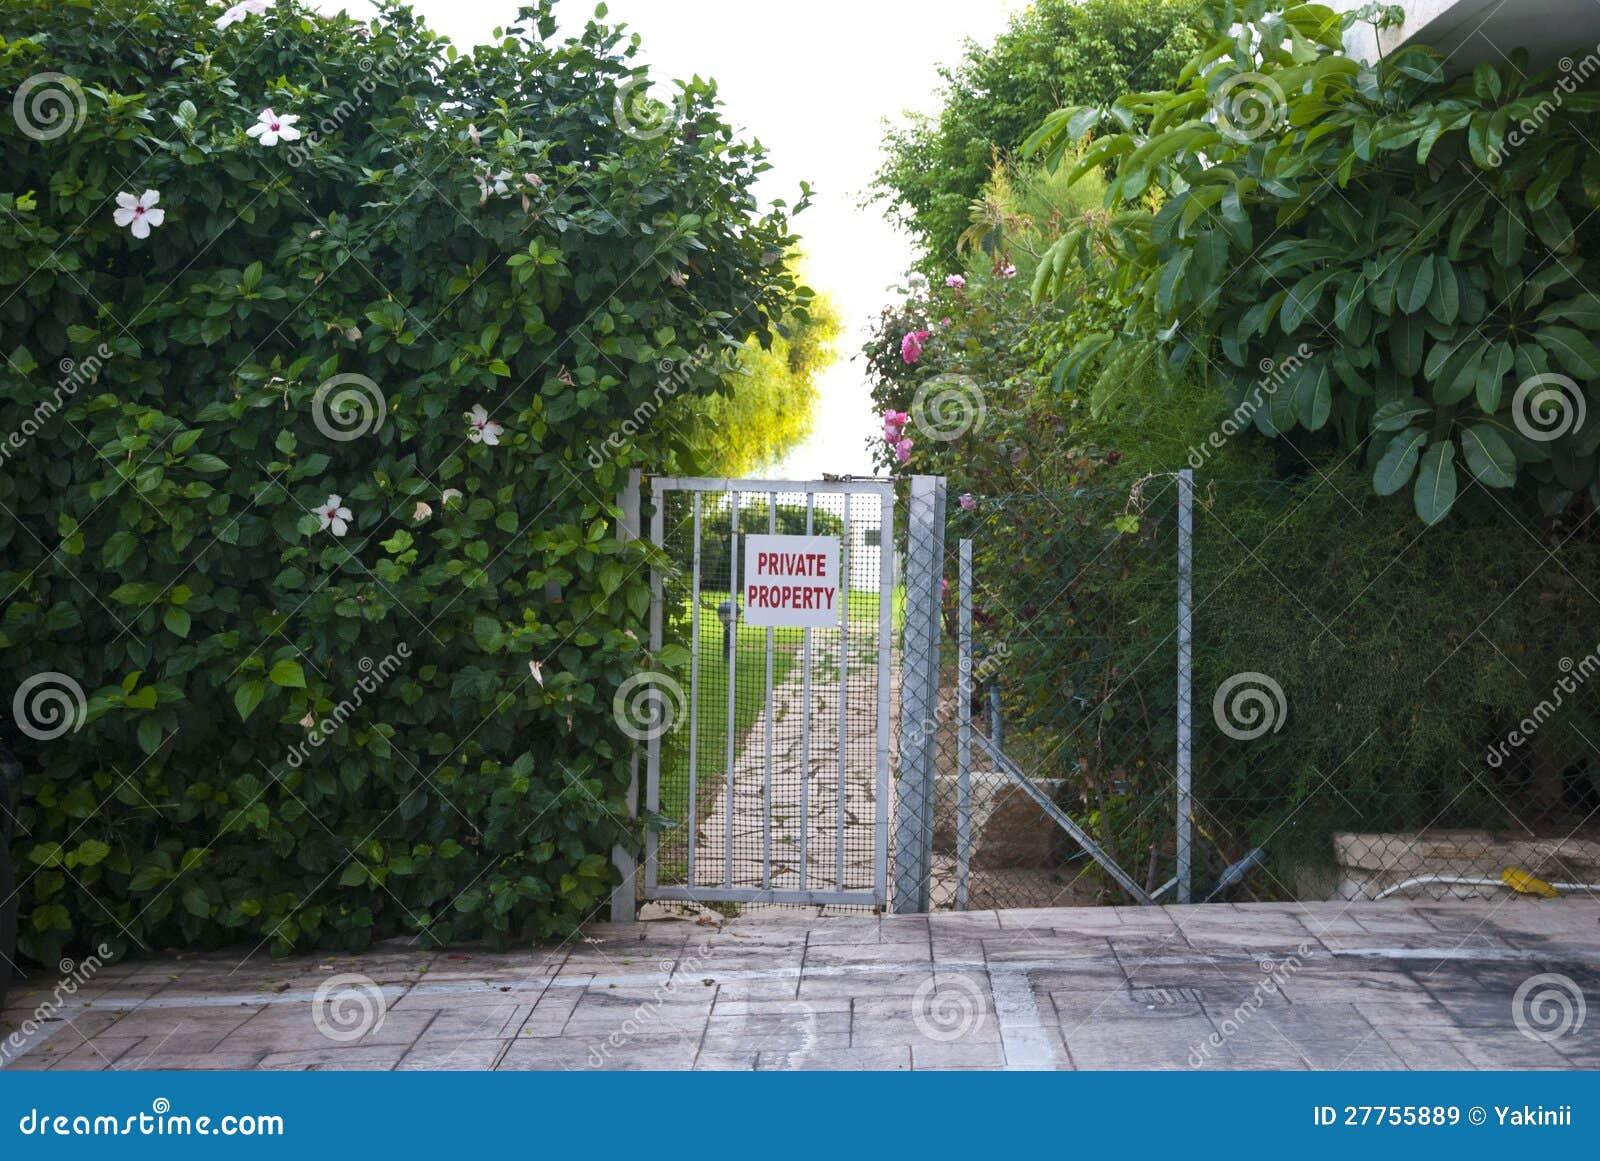 Signe de propriété privée